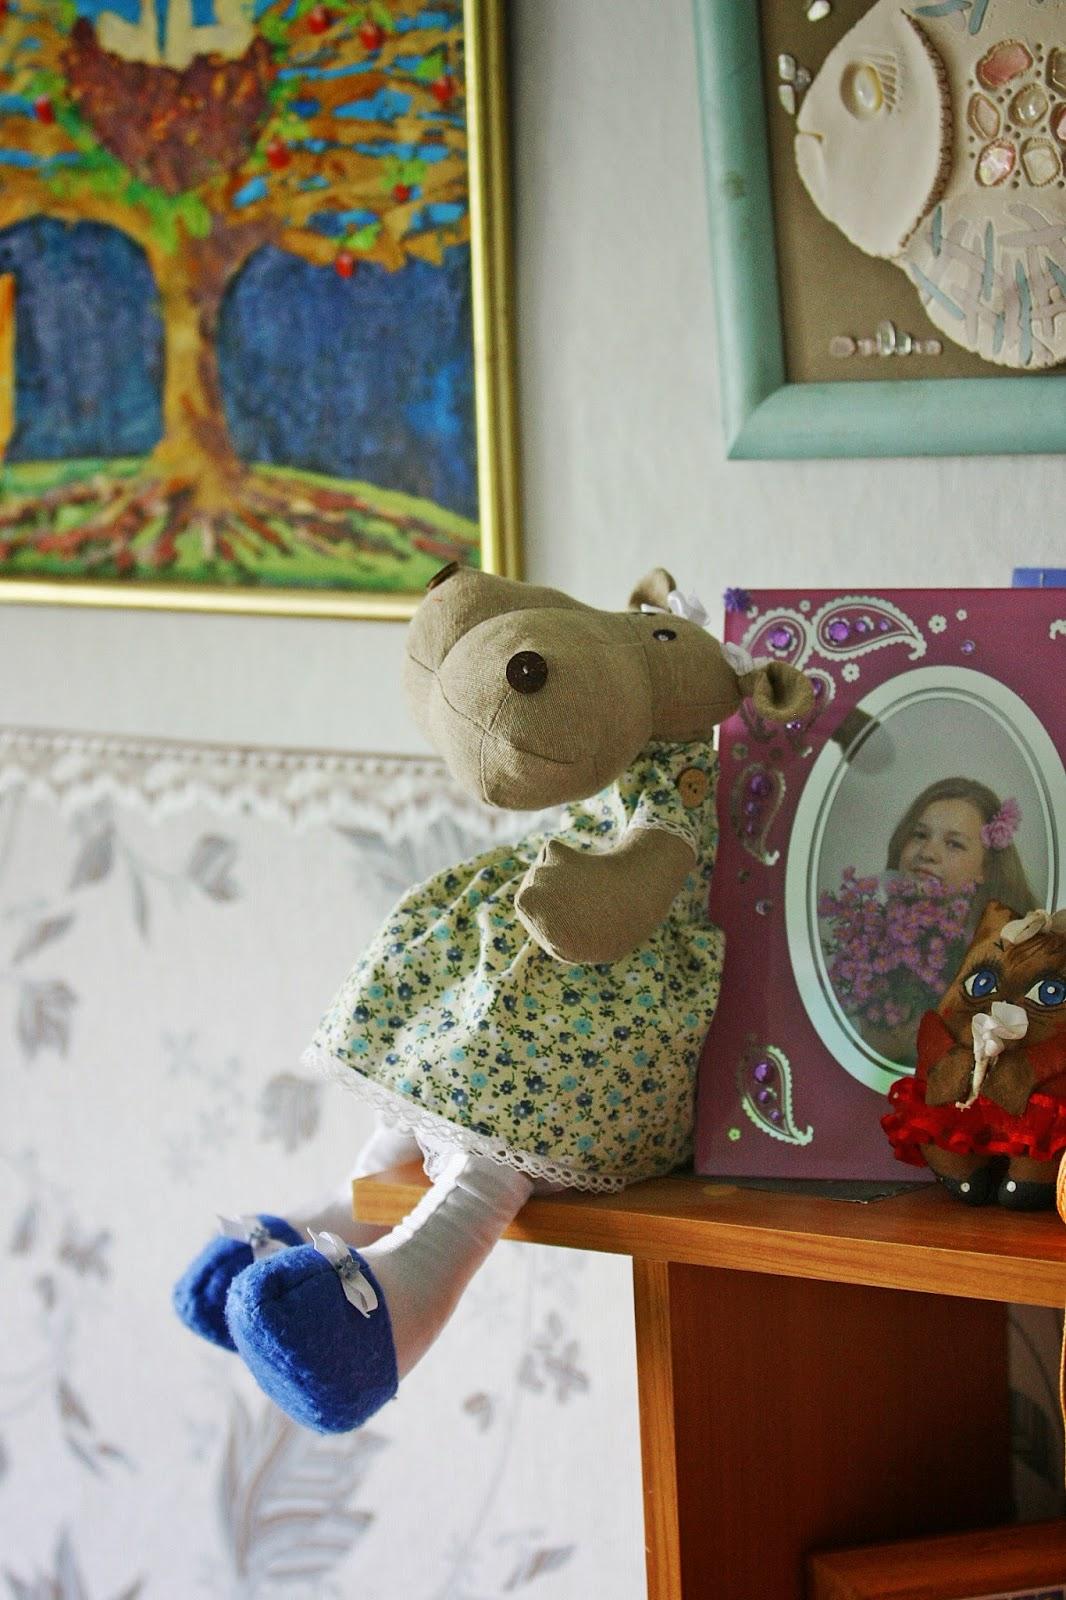 Бегемот, бегемотик, игрушка бегемот, текстильная игрушка, купить игрушку